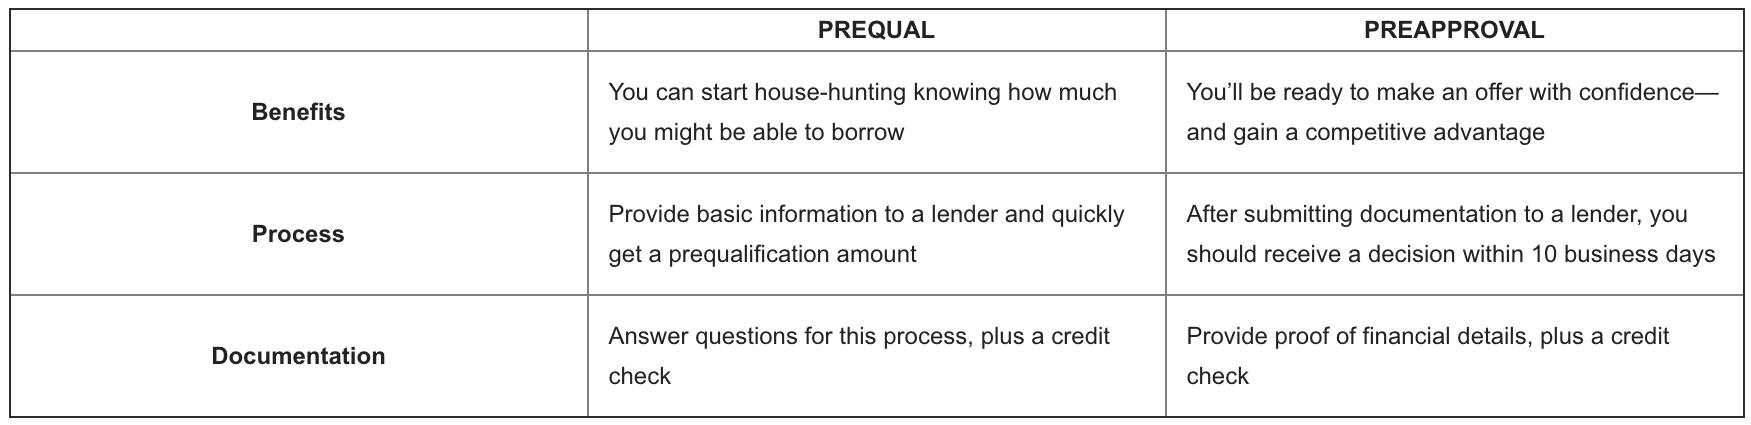 Precalificación versus aprobación previa